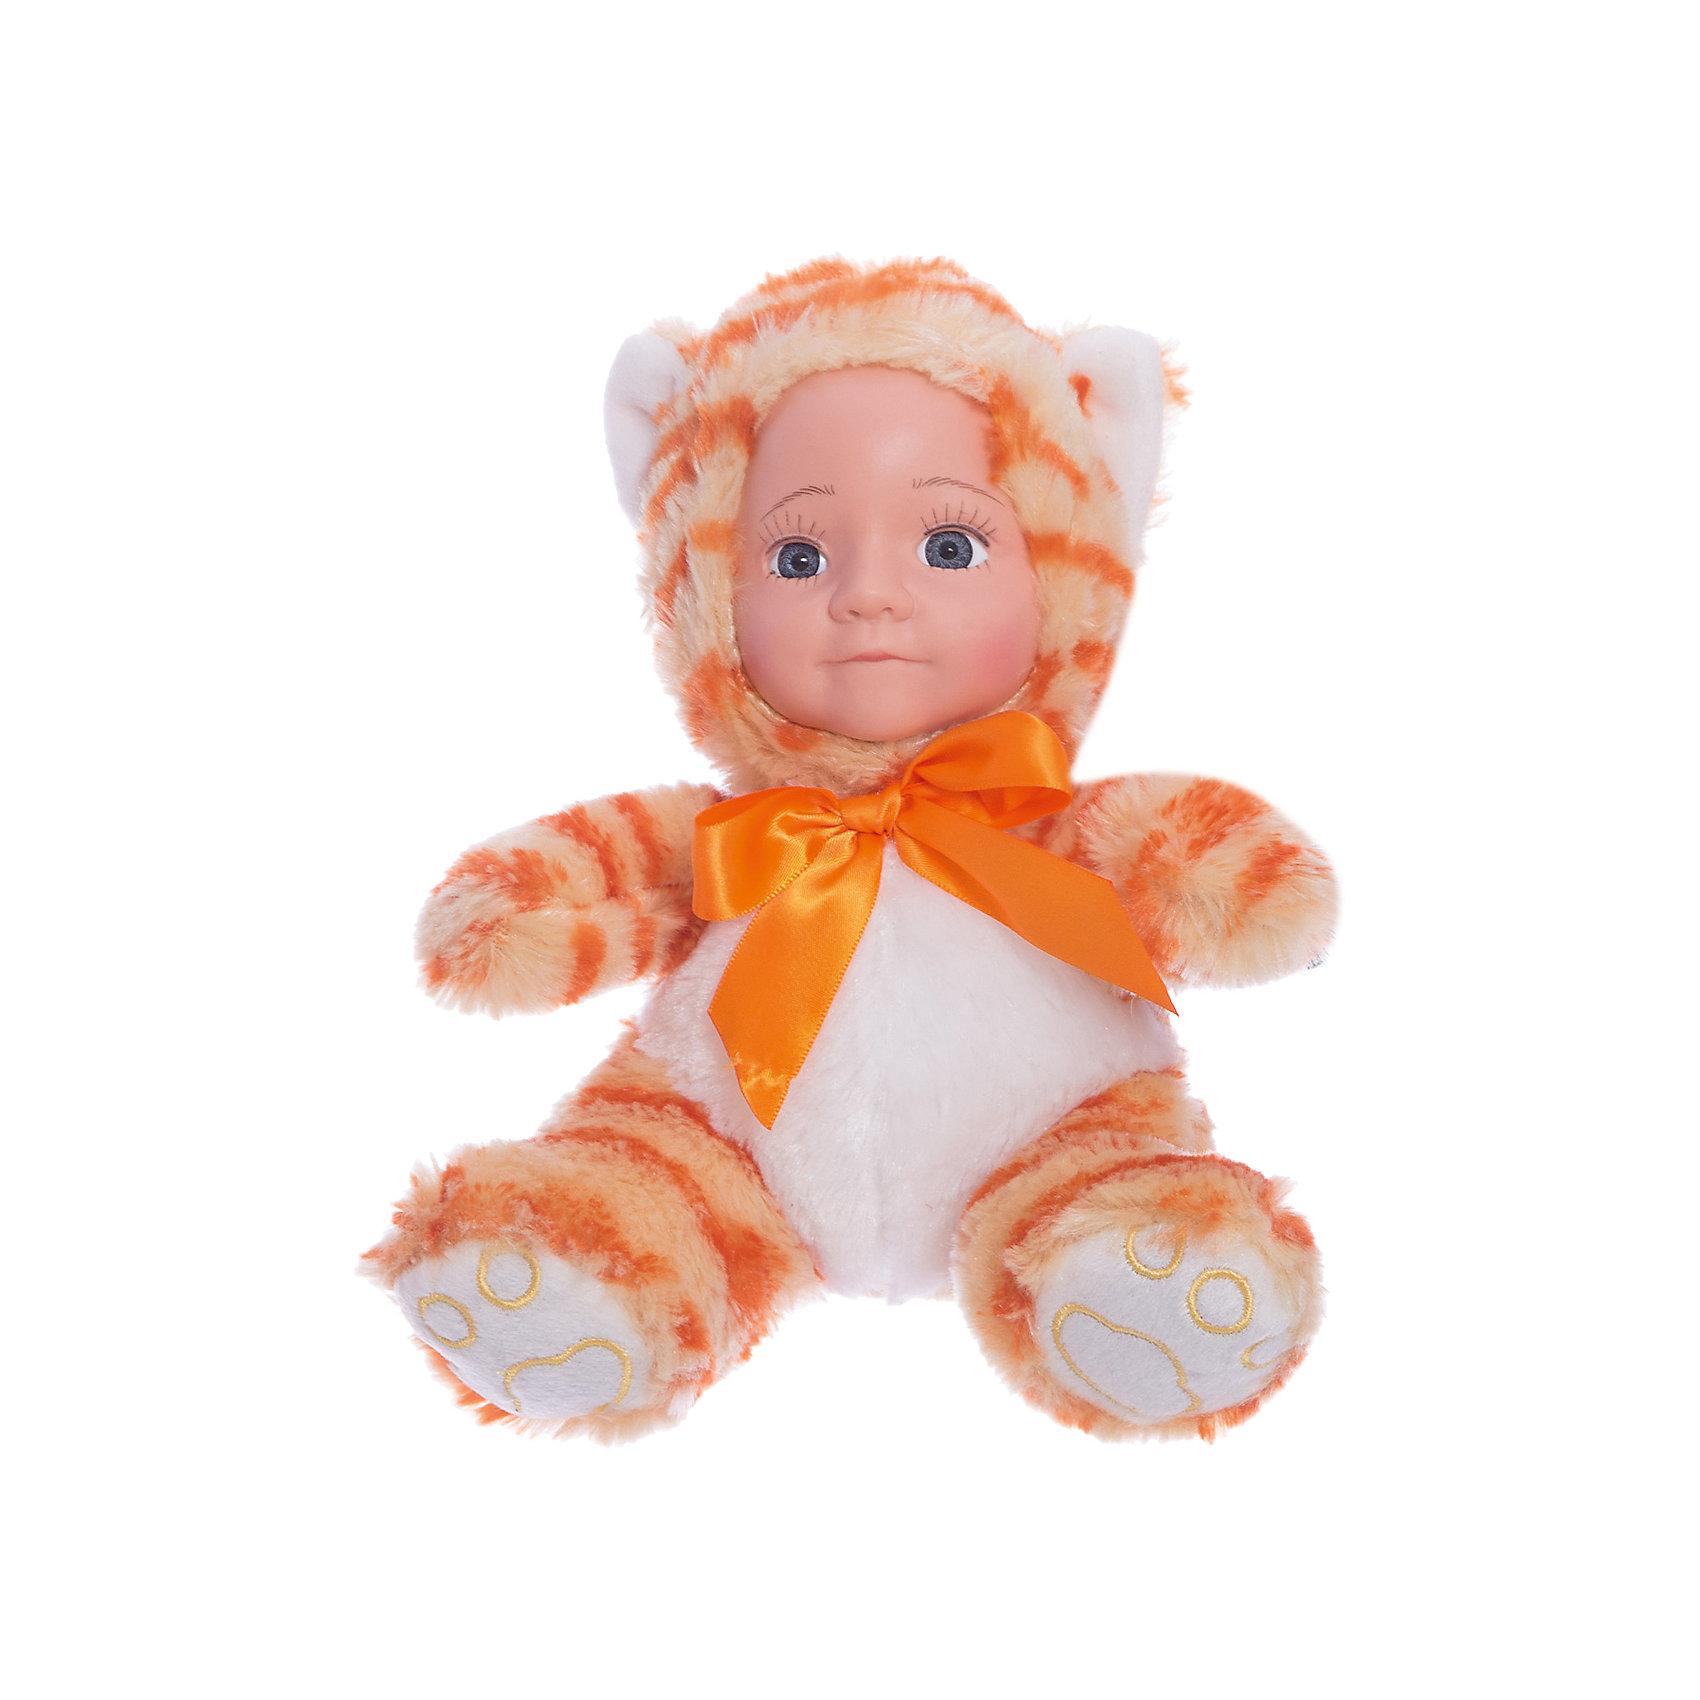 Мягкая кукла Мой котенок, Fluffy FamilyМягкие куклы<br><br><br>Ширина мм: 160<br>Глубина мм: 130<br>Высота мм: 200<br>Вес г: 135<br>Возраст от месяцев: 36<br>Возраст до месяцев: 2147483647<br>Пол: Унисекс<br>Возраст: Детский<br>SKU: 6846886